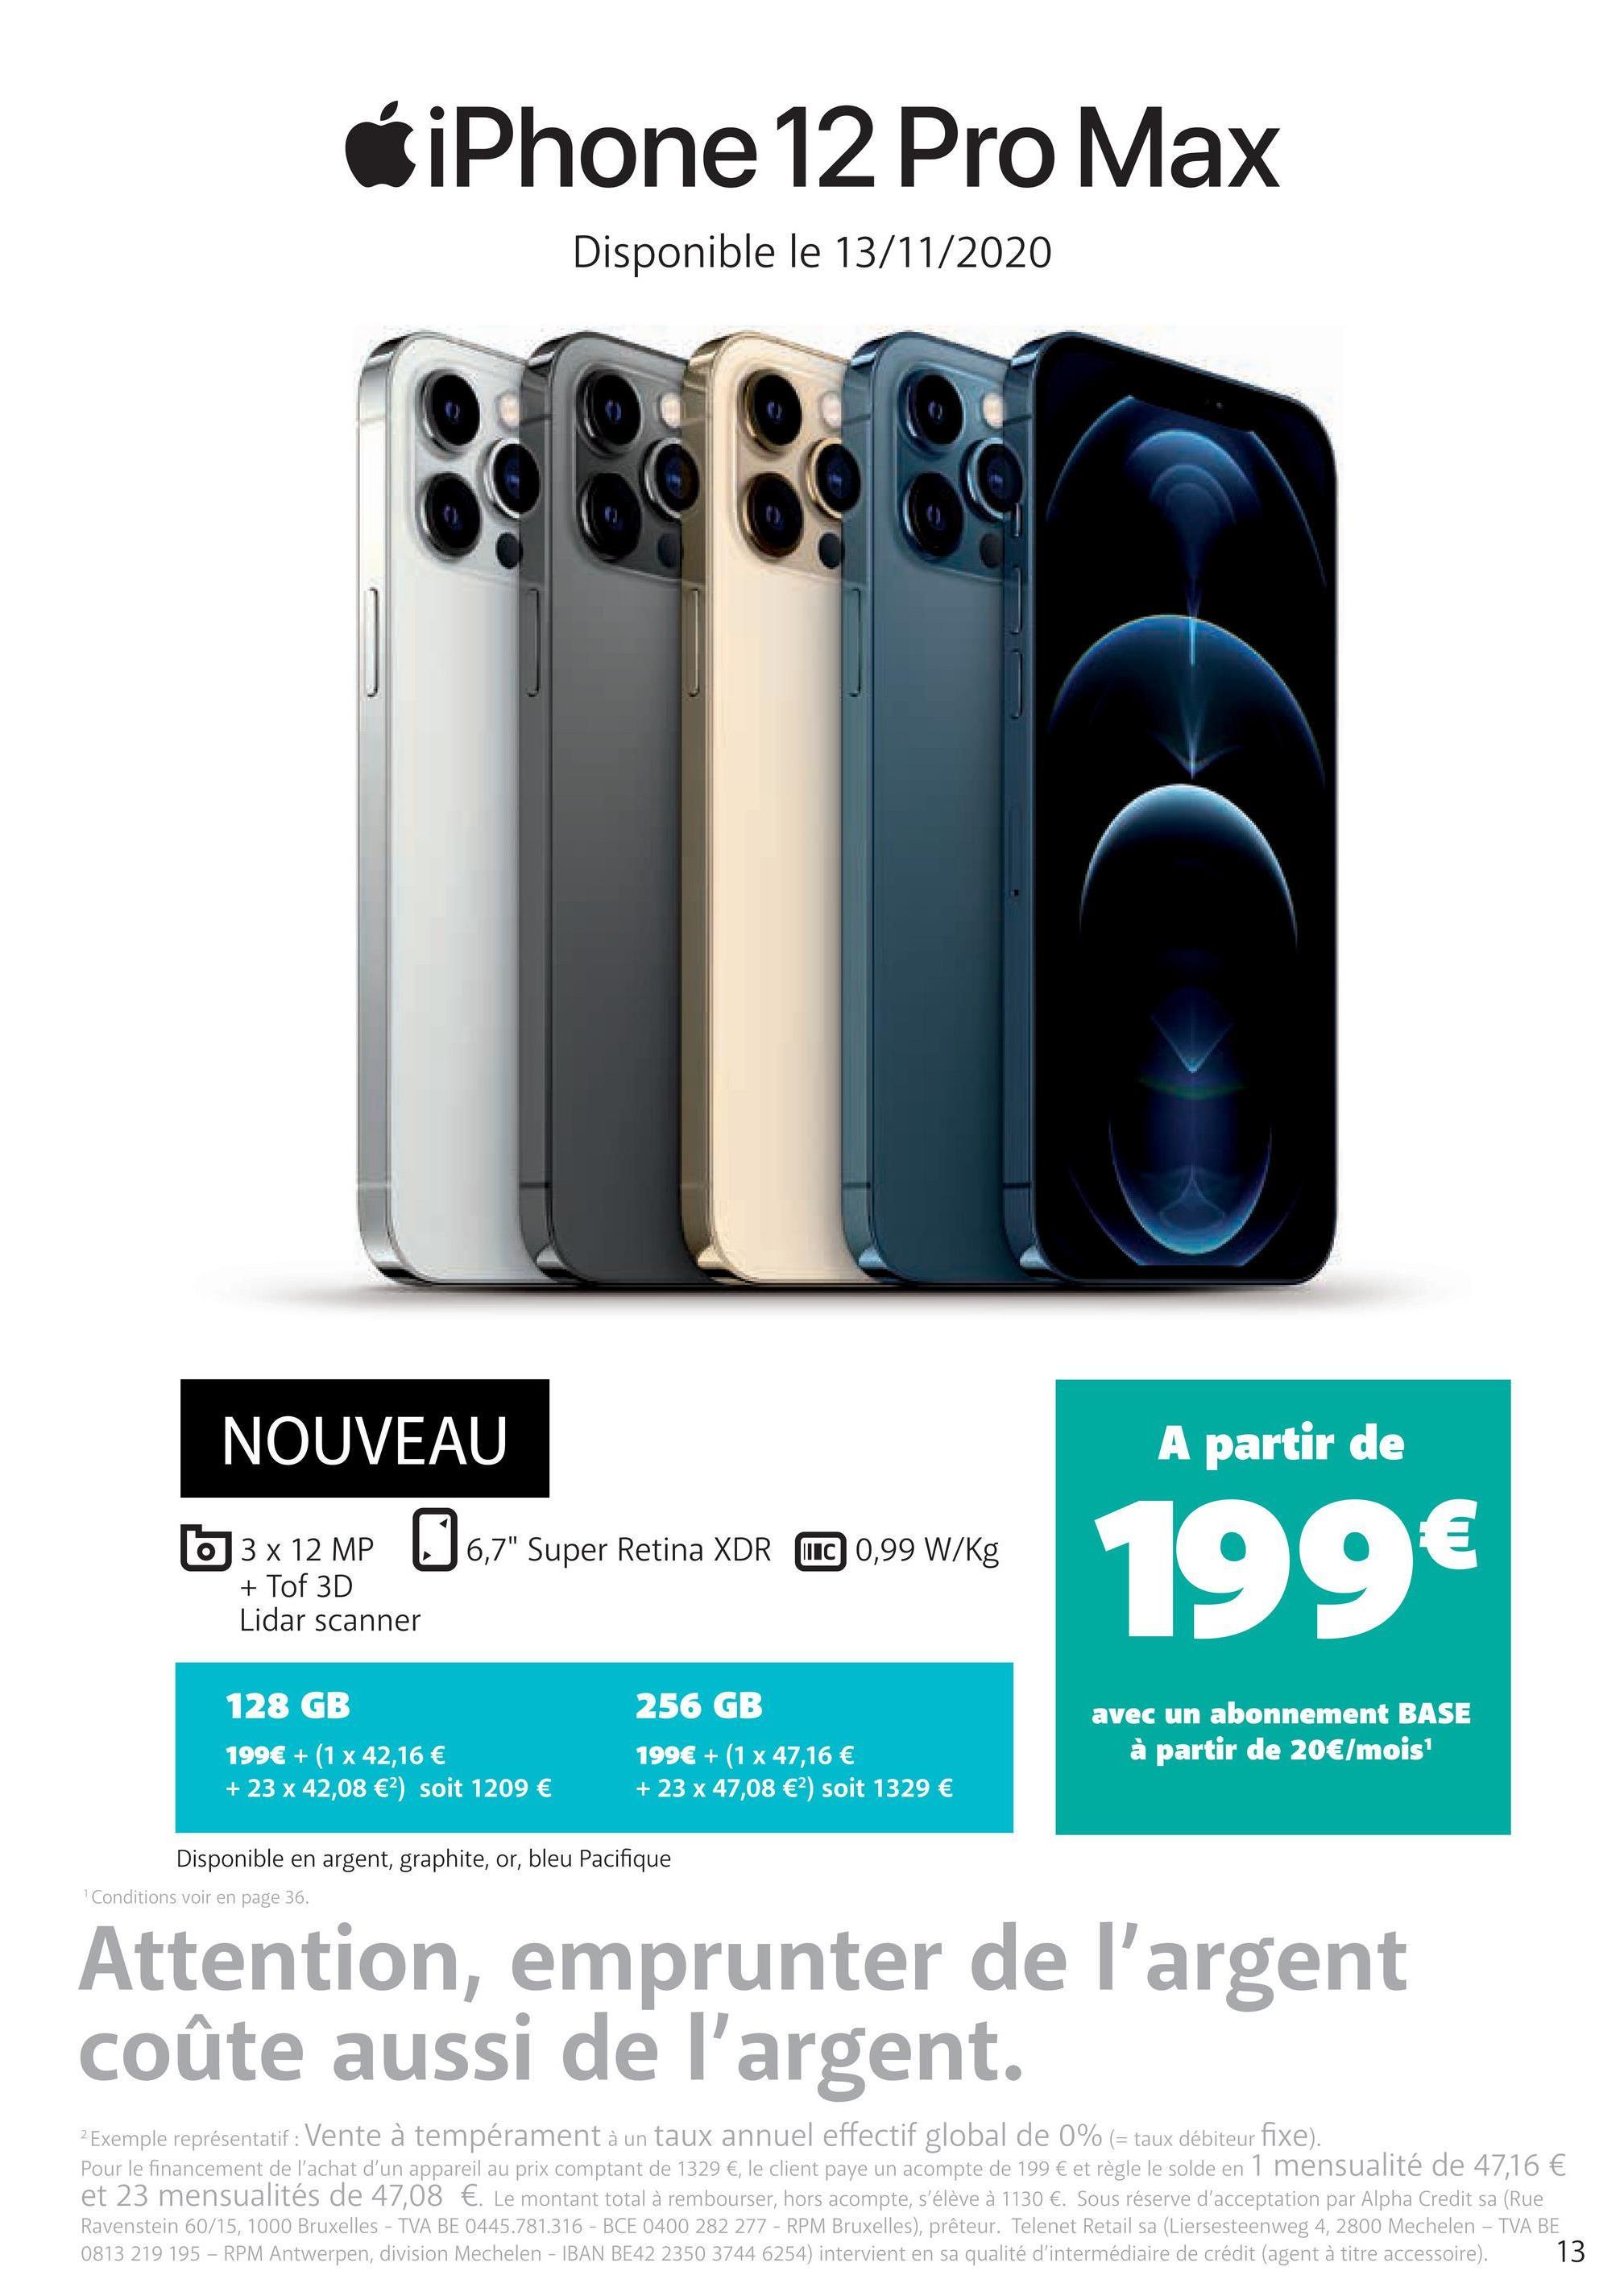 """iPhone 12 Pro Max Disponible le 13/11/2020 BRBE NOUVEAU A partir de € 63 x 12 MP 6,7"""" Super Retina XDR WC 0,99 W/kg 199€ + Tof 3D Lidar scanner 128 GB 256 GB 199€ + (1 x 47,16 € + 23 x 47,08 €?) soit 1329 € avec un abonnement BASE à partir de 20€/mois 199€ + (1 x 42,16 € + 23 x 42,08 €) soit 1209 € Disponible en argent, graphite, or, bleu Pacifique Conditions voir en page 36. Attention, emprunter de l'argent coûte aussi de l'argent. 2 Exemple représentatif : Vente à tempérament à un taux annuel effectif global de 0% (= taux débiteur fixe). Pour le financement de l'achat d'un appareil au prix comptant de 1329 €, le client paye un acompte de 199 € et règle le solde en 1 mensualité de 47,16 € et 23 mensualités de 47,08 €. Le montant total à rembourser, hors acompte, s'élève à 1130 €. Sous réserve d'acceptation par Alpha Credit sa (Rue Ravenstein 60/15, 1000 Bruxelles - TVA BE 0445.781.316 - BCE 0400 282 277 - RPM Bruxelles), prêteur. Telenet Retail sa (Liersesteenweg 4, 2800 Mechelen - TVA BE 0813 219 195 - RPM Antwerpen, division Mechelen - IBAN BE42 2350 3744 6254) intervient en sa qualité d'intermédiaire de crédit (agent à titre accessoire). 13"""